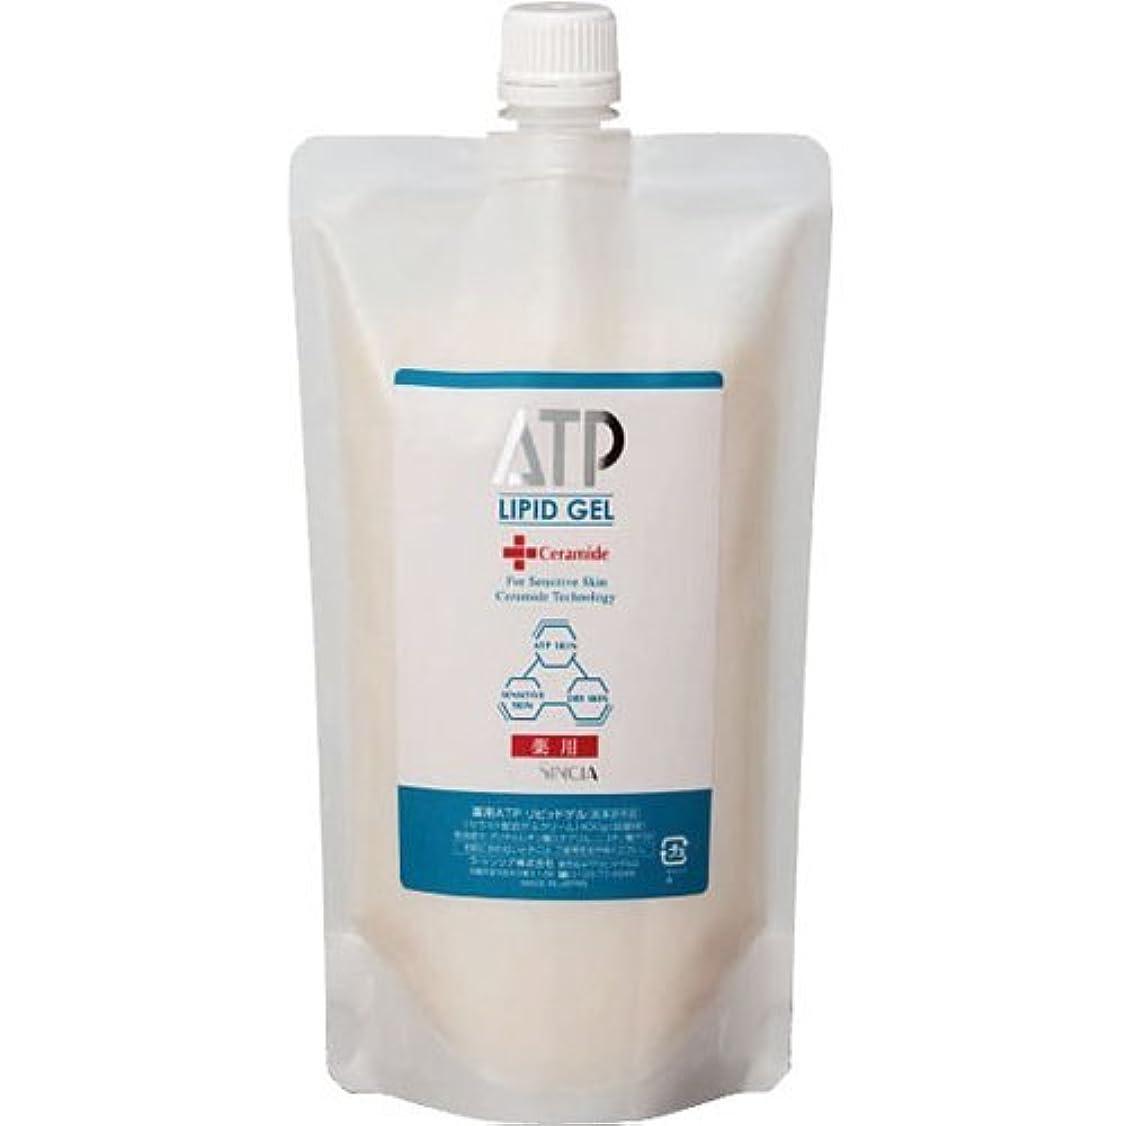 開示する突進手がかりラシンシア 薬用ATPリピッドゲル 400g(詰替用) 【セラミド配合ゲルクリーム】